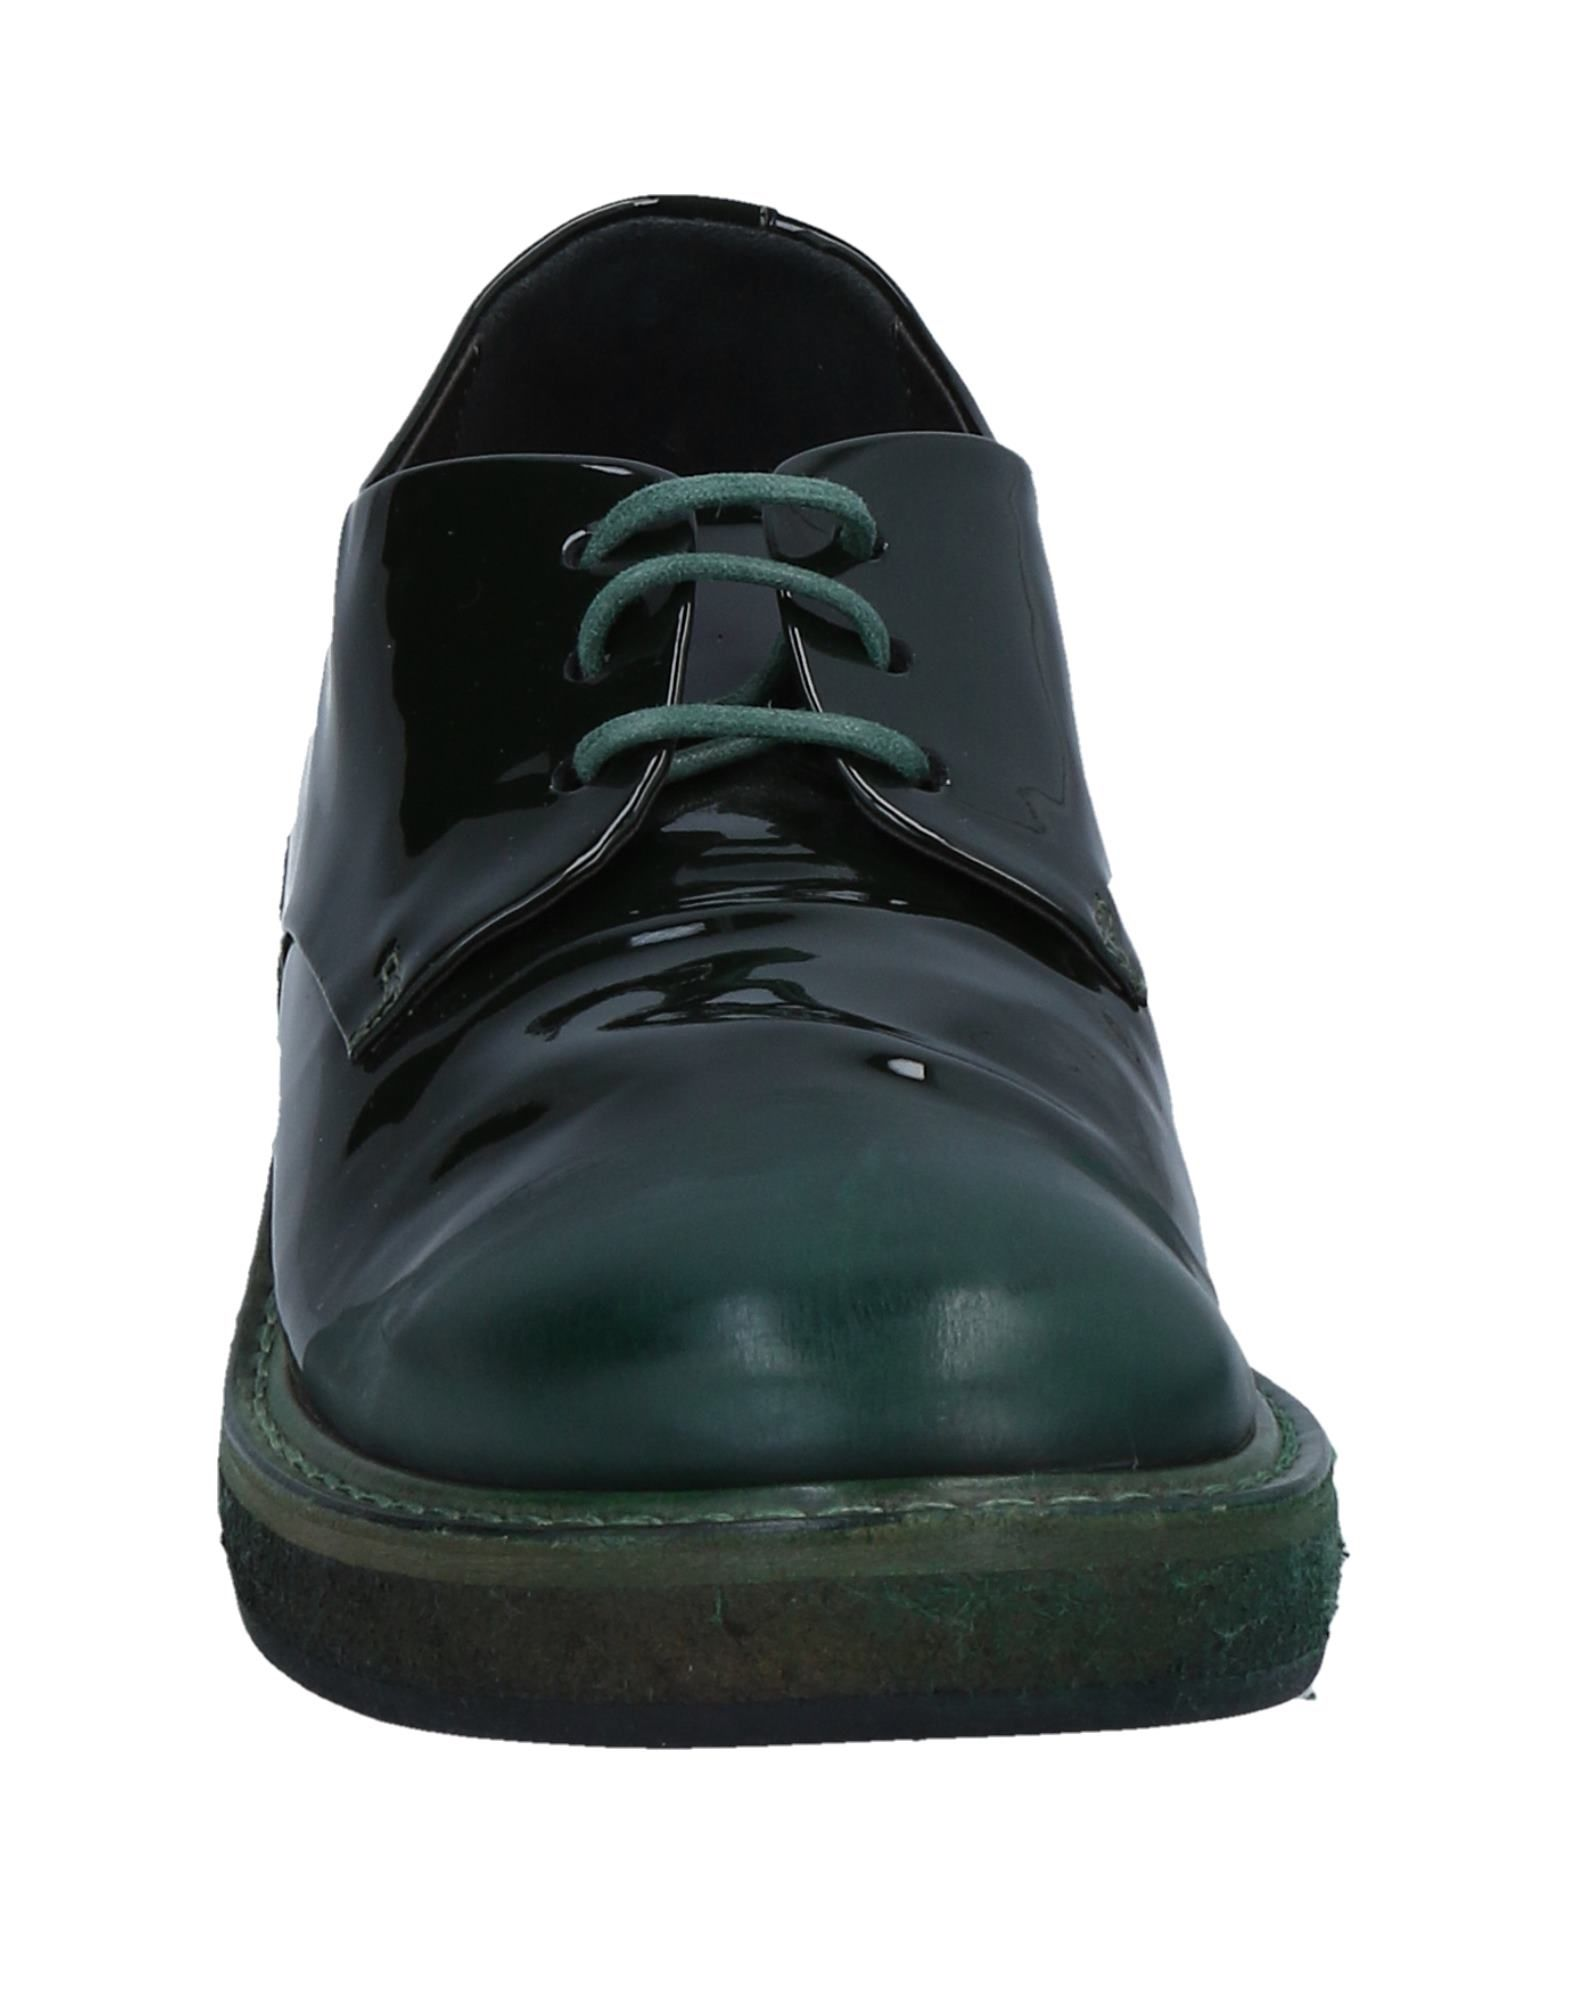 Marsèll gut Schnürschuhe Damen  11503080KIGünstige gut Marsèll aussehende Schuhe 5afe8b